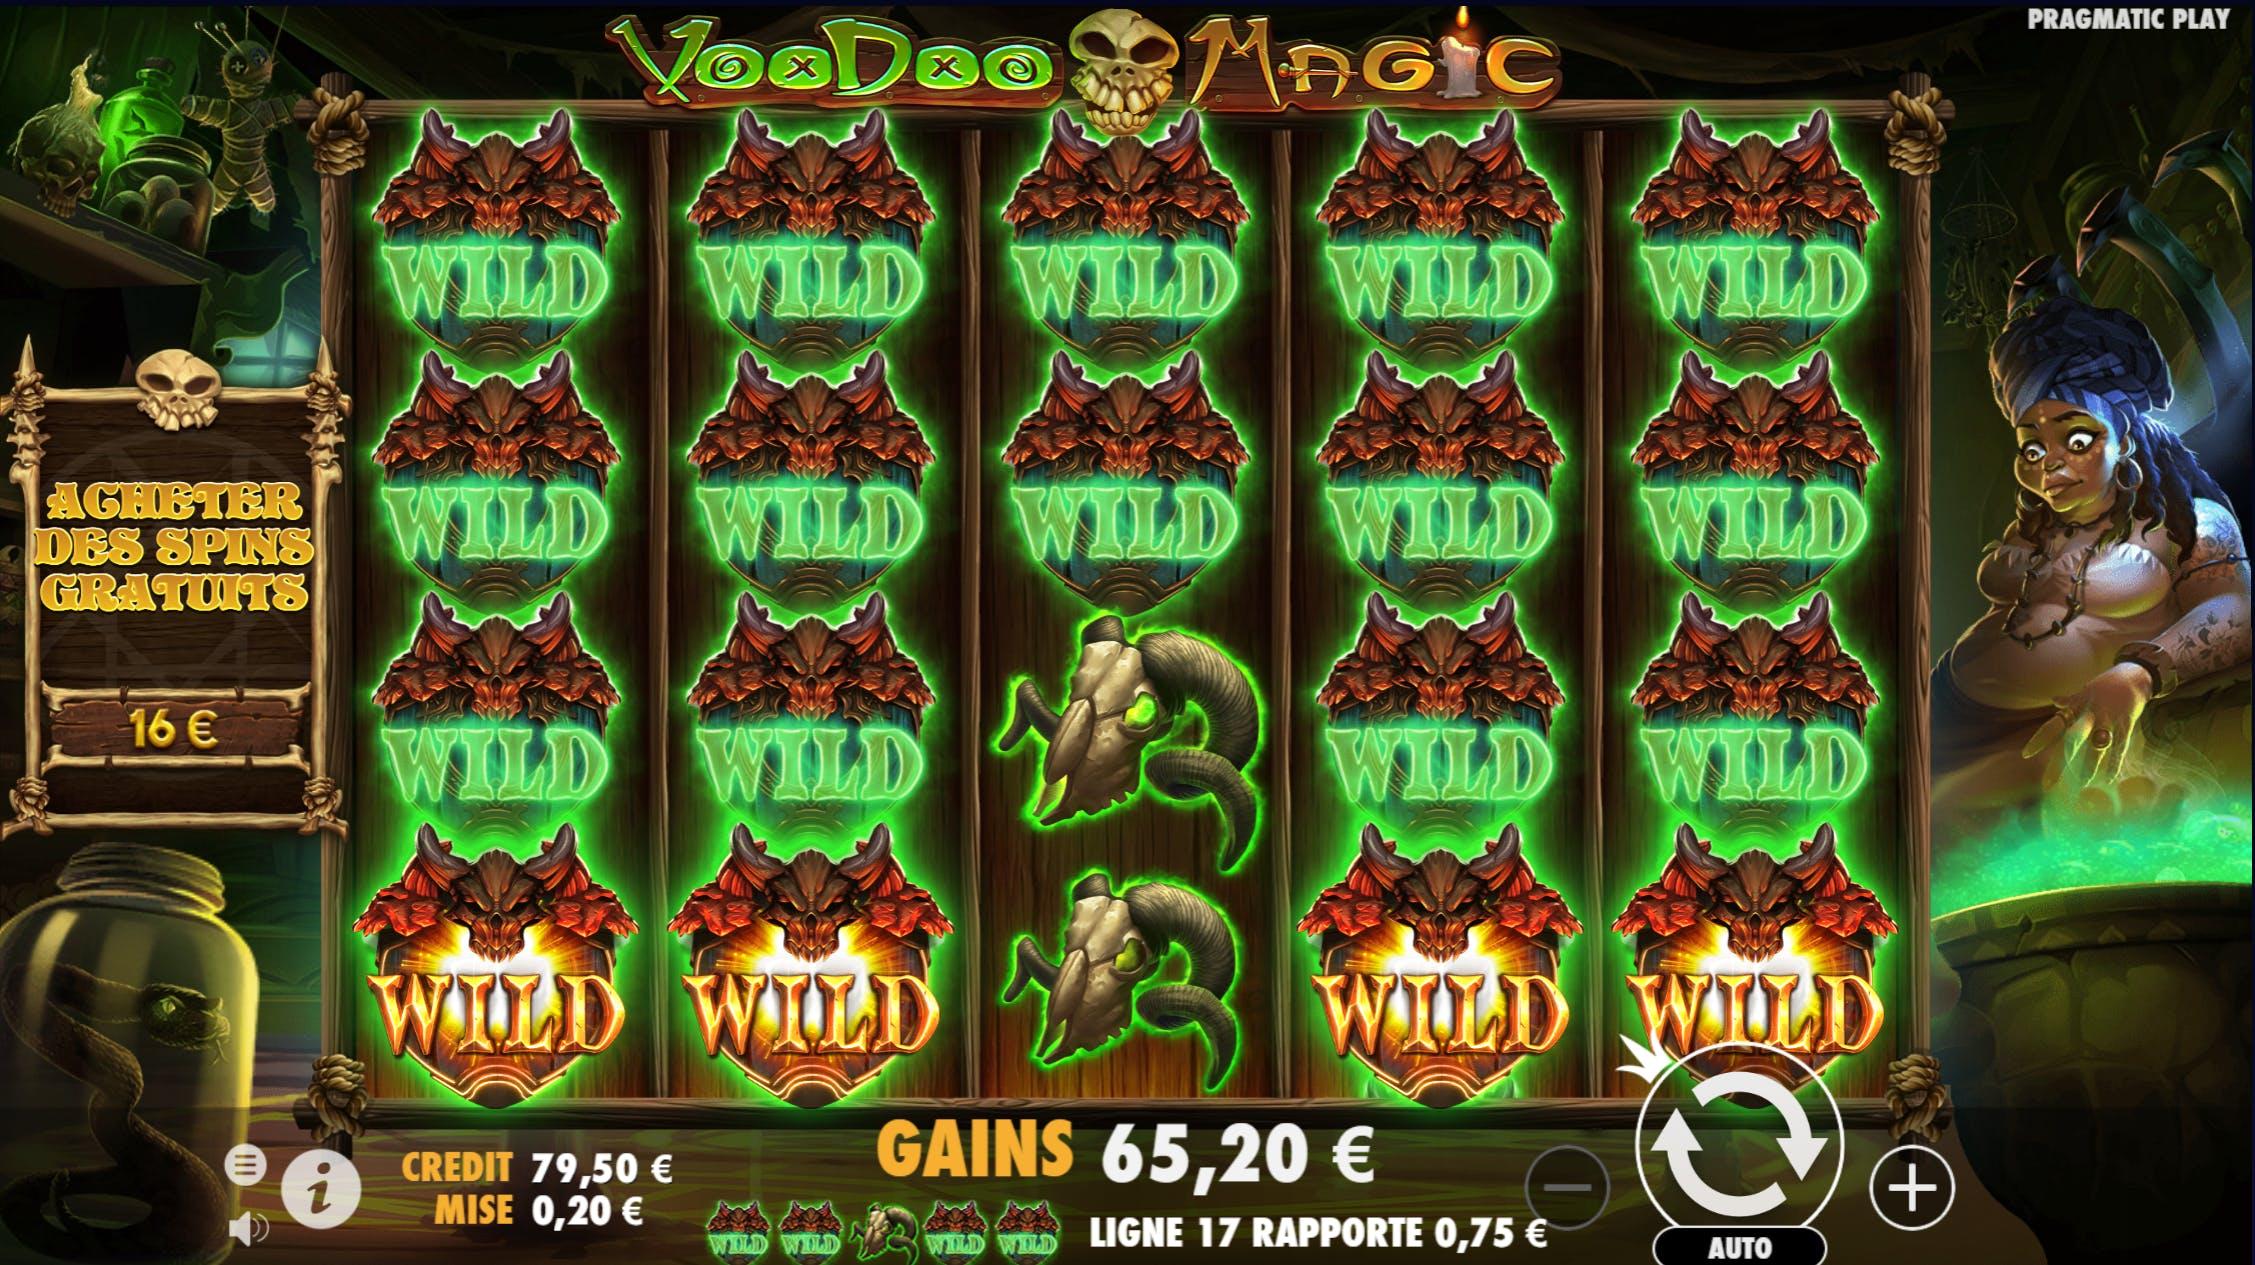 mega win full screen sur voodoo fortune de pragmatic play